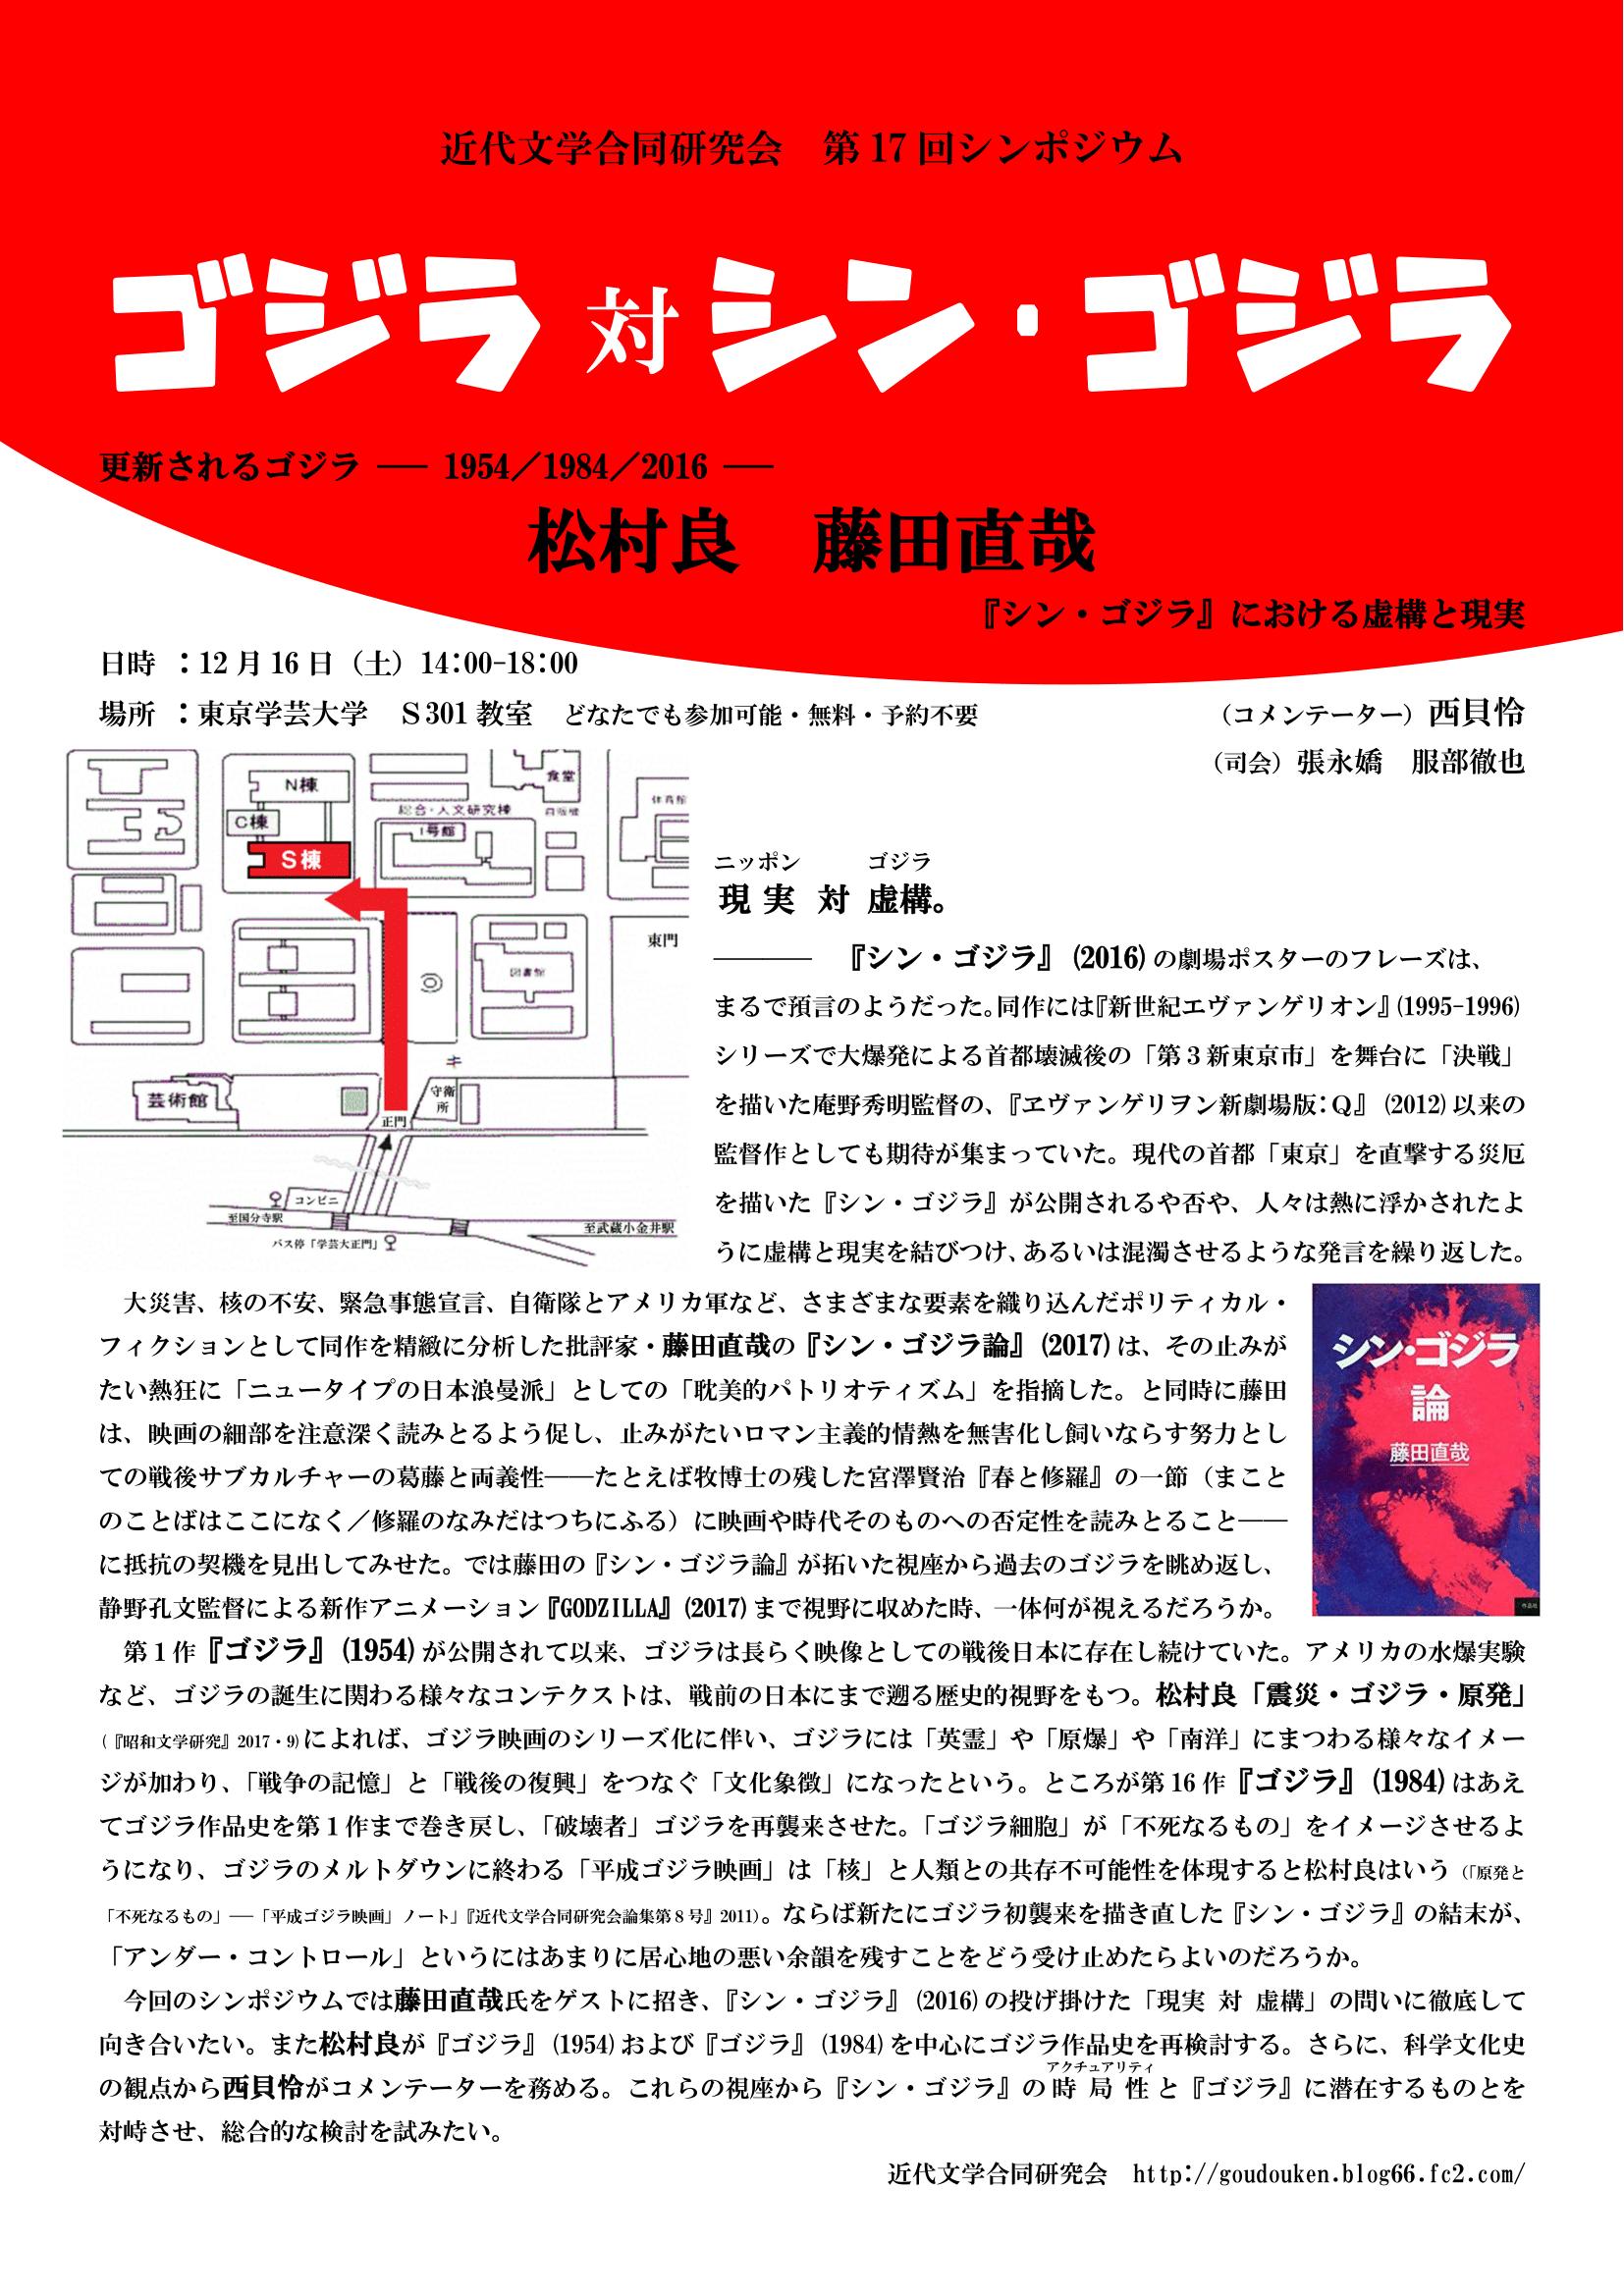 近代文学合同研究会第17回シンポジウム「ゴジラ 対 シン・ゴジラ」ポスター